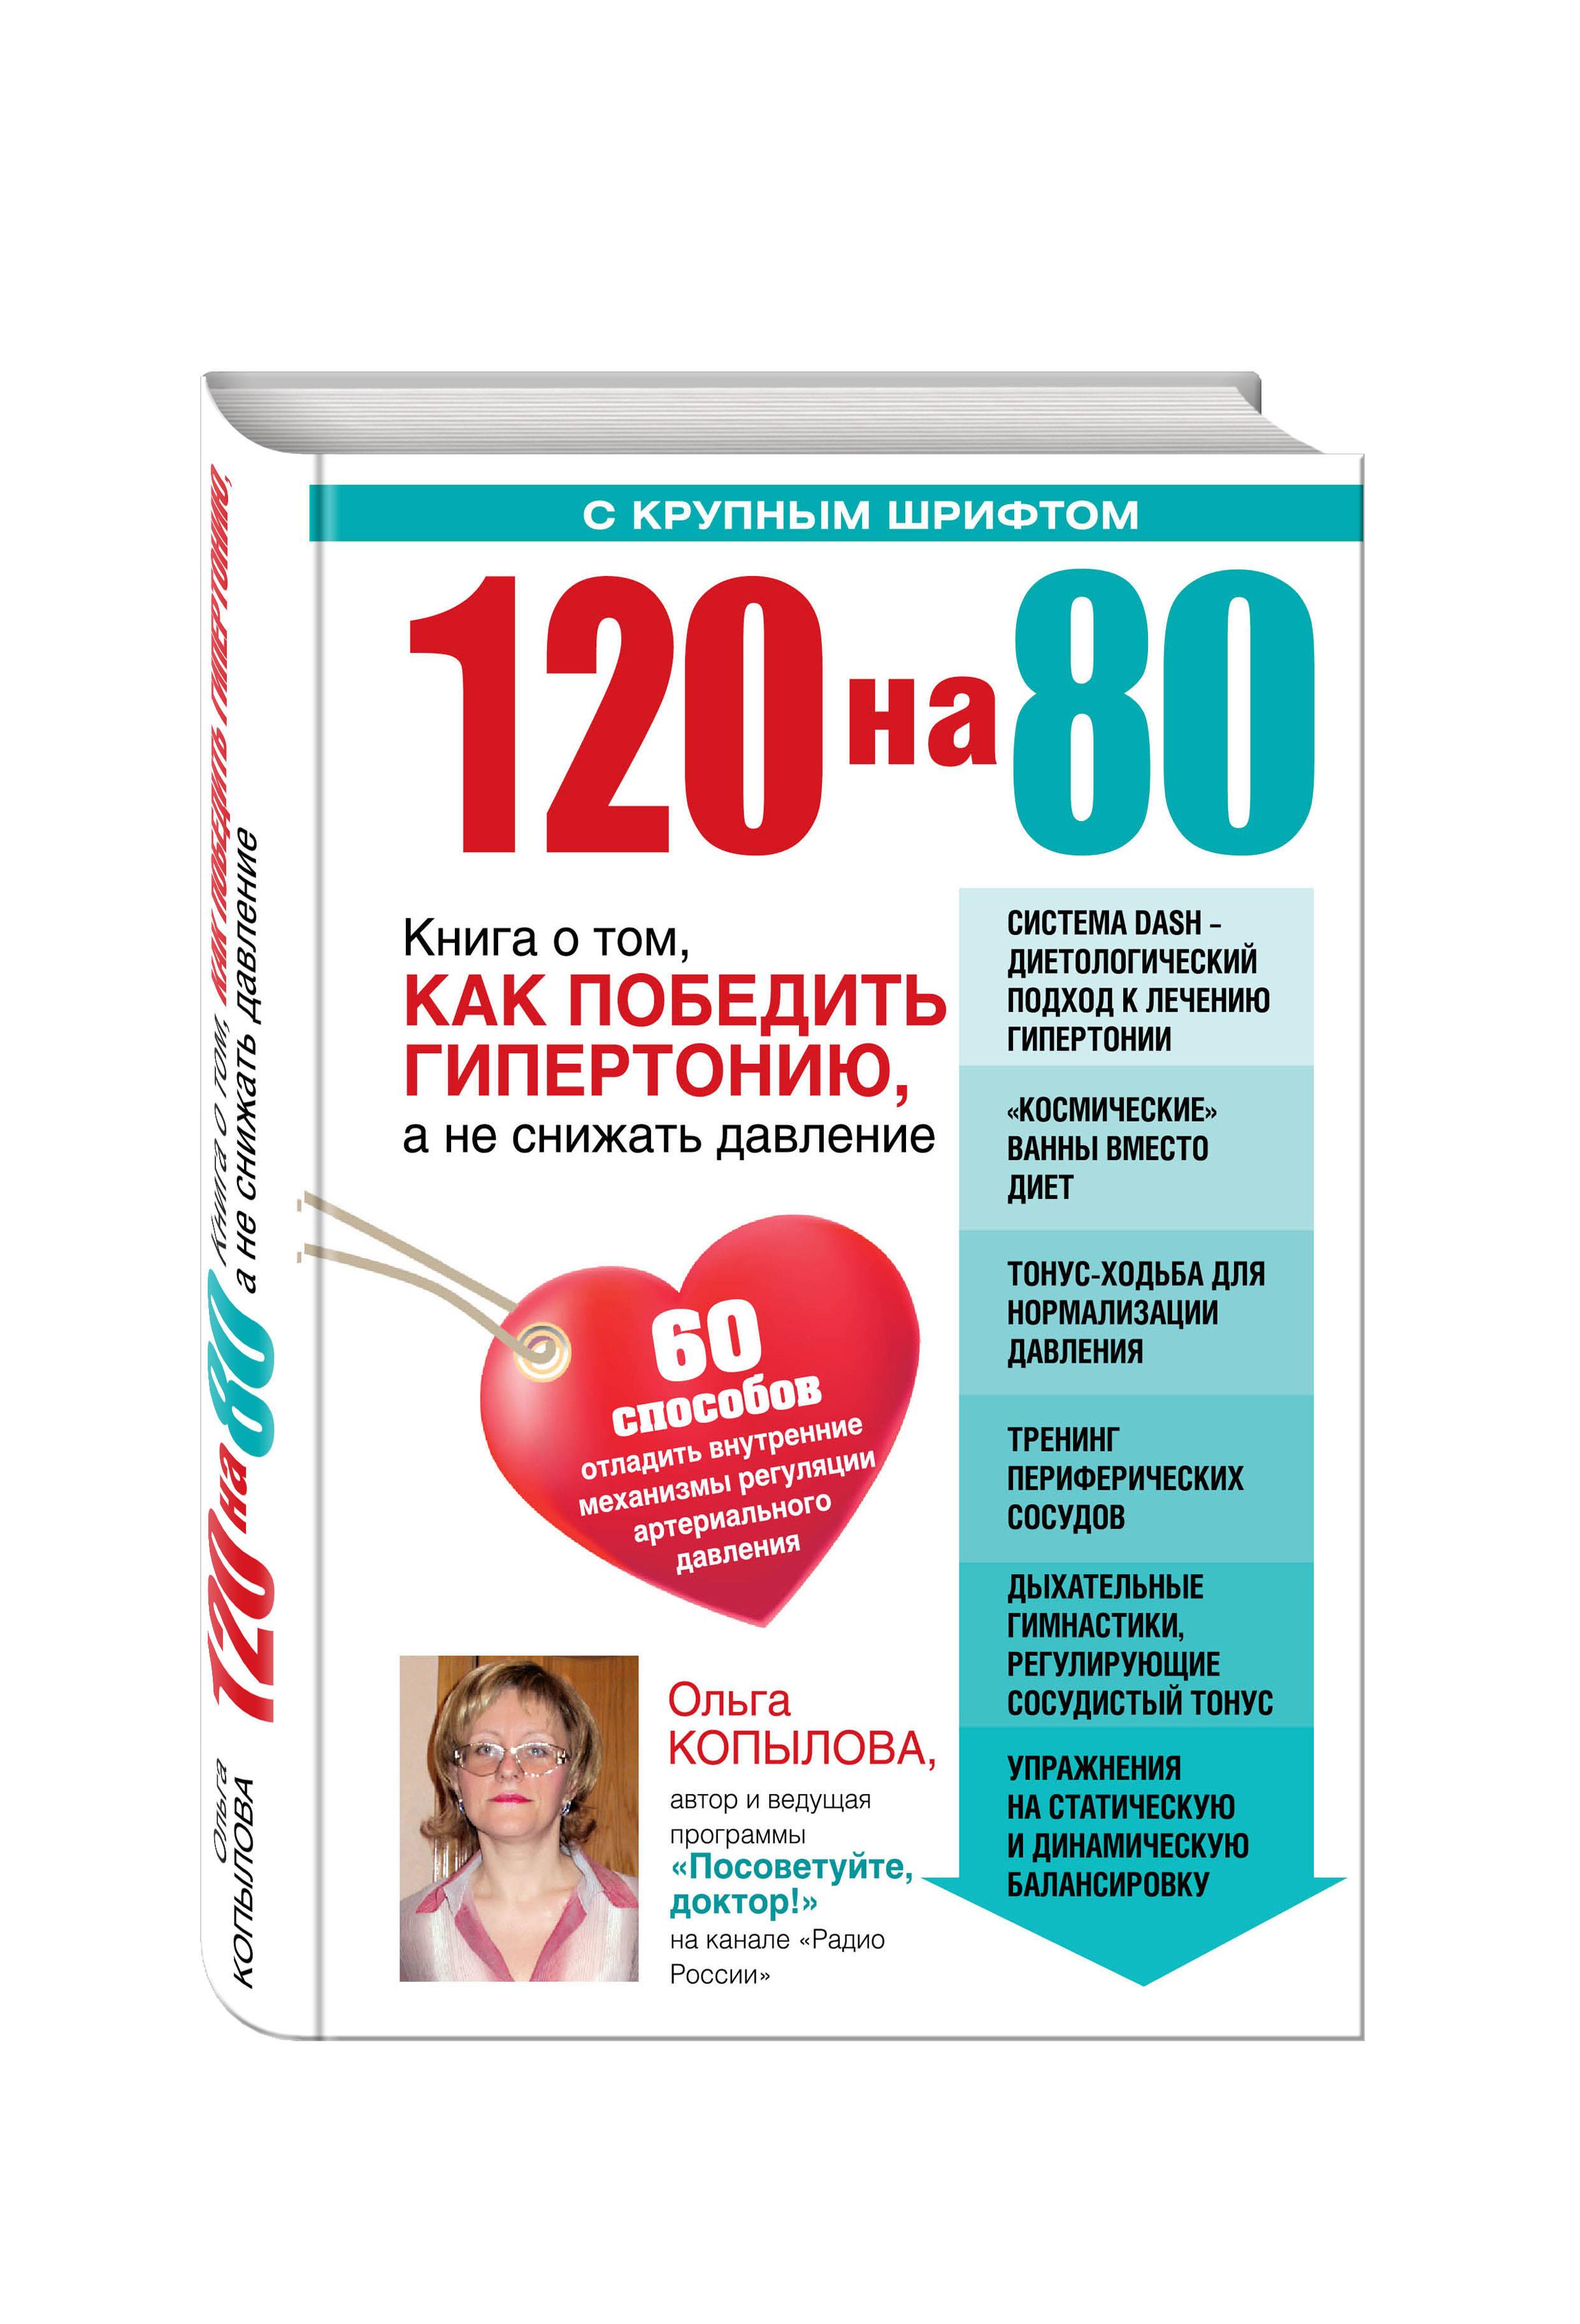 120 на 80. Книга о том, как победить гипертонию, а не снижать давление (Почта России)